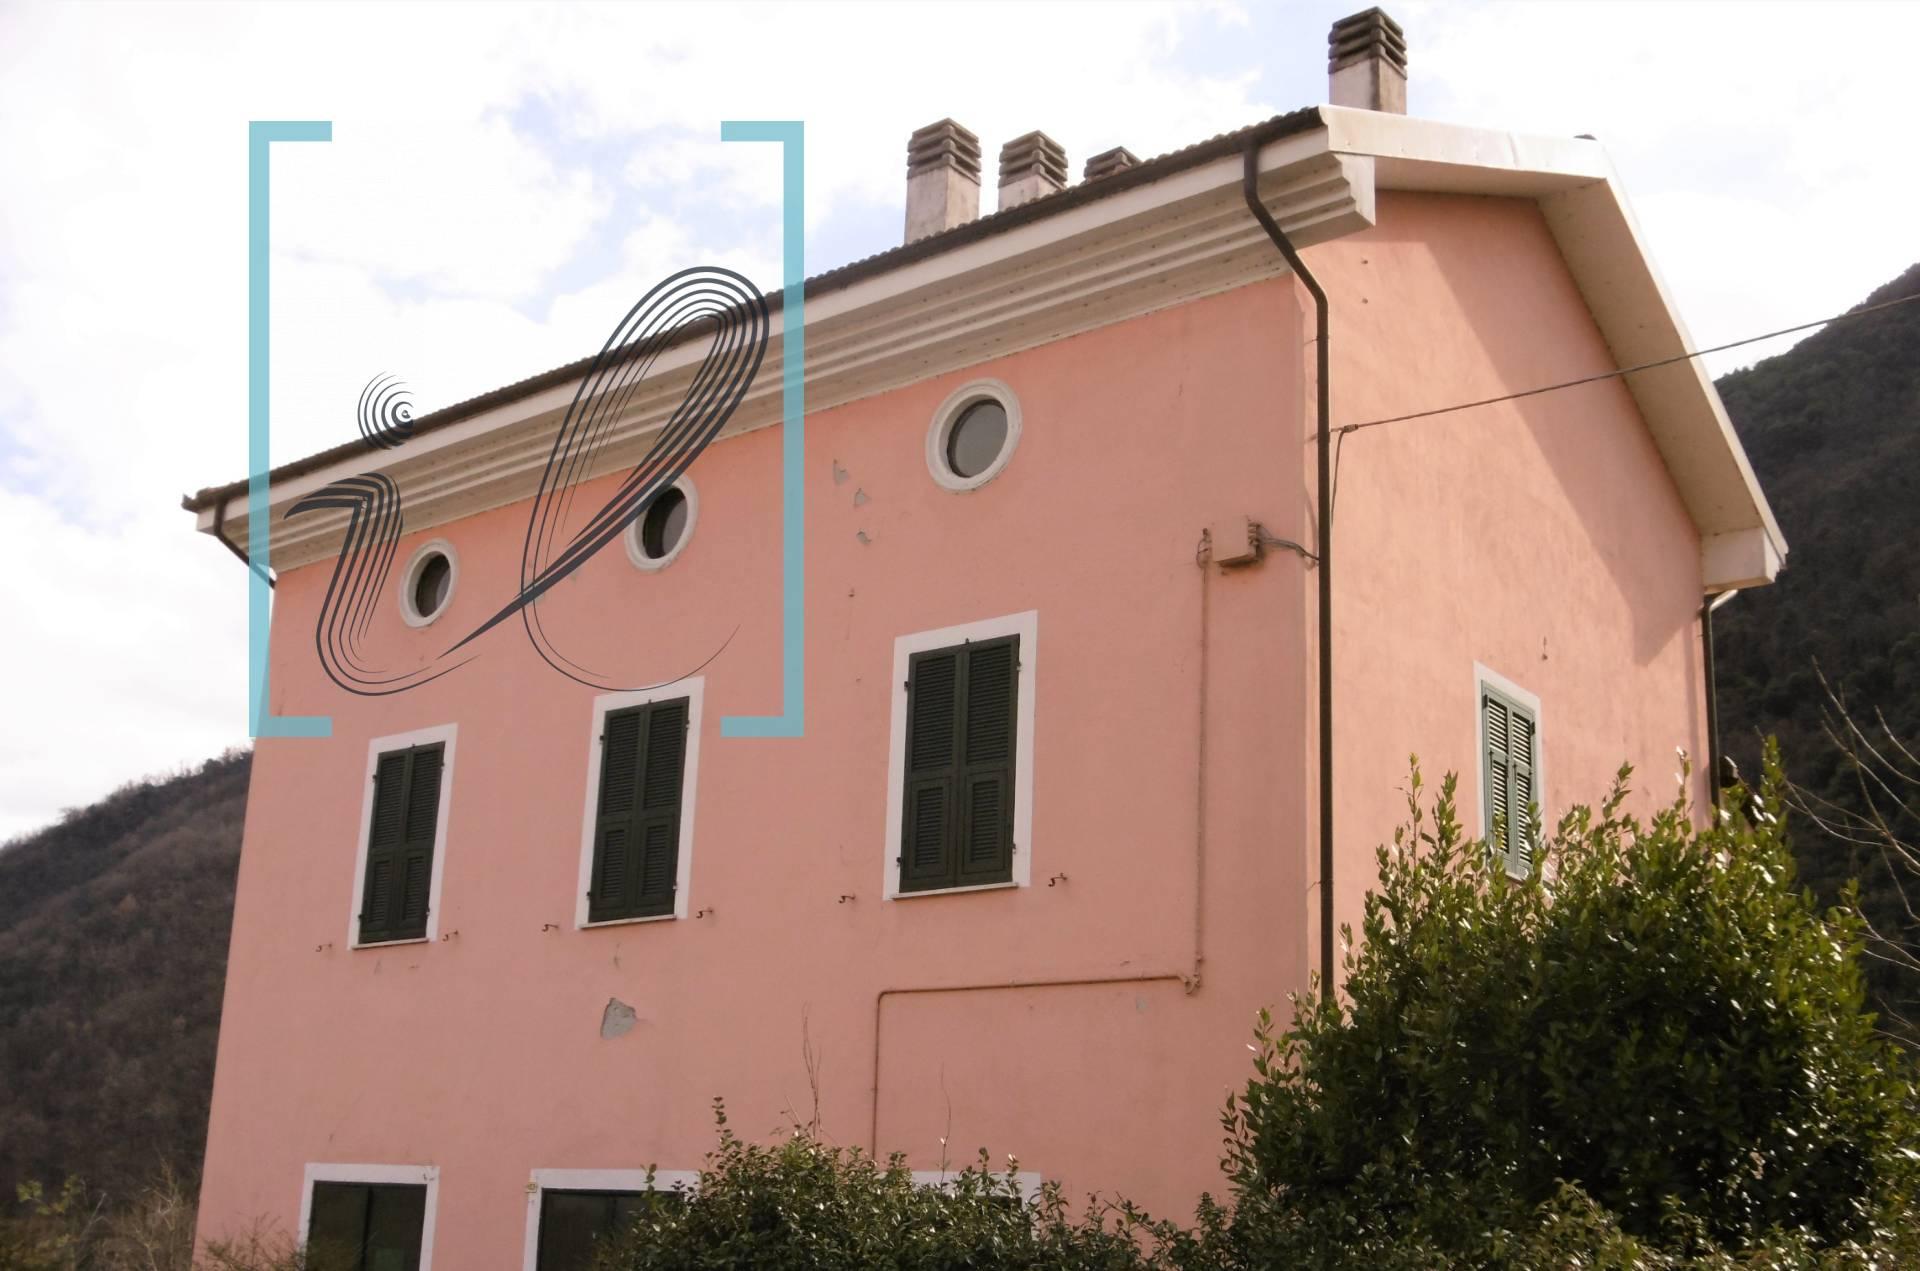 Rustico / Casale in vendita a Ranzo, 5 locali, prezzo € 120.000   CambioCasa.it